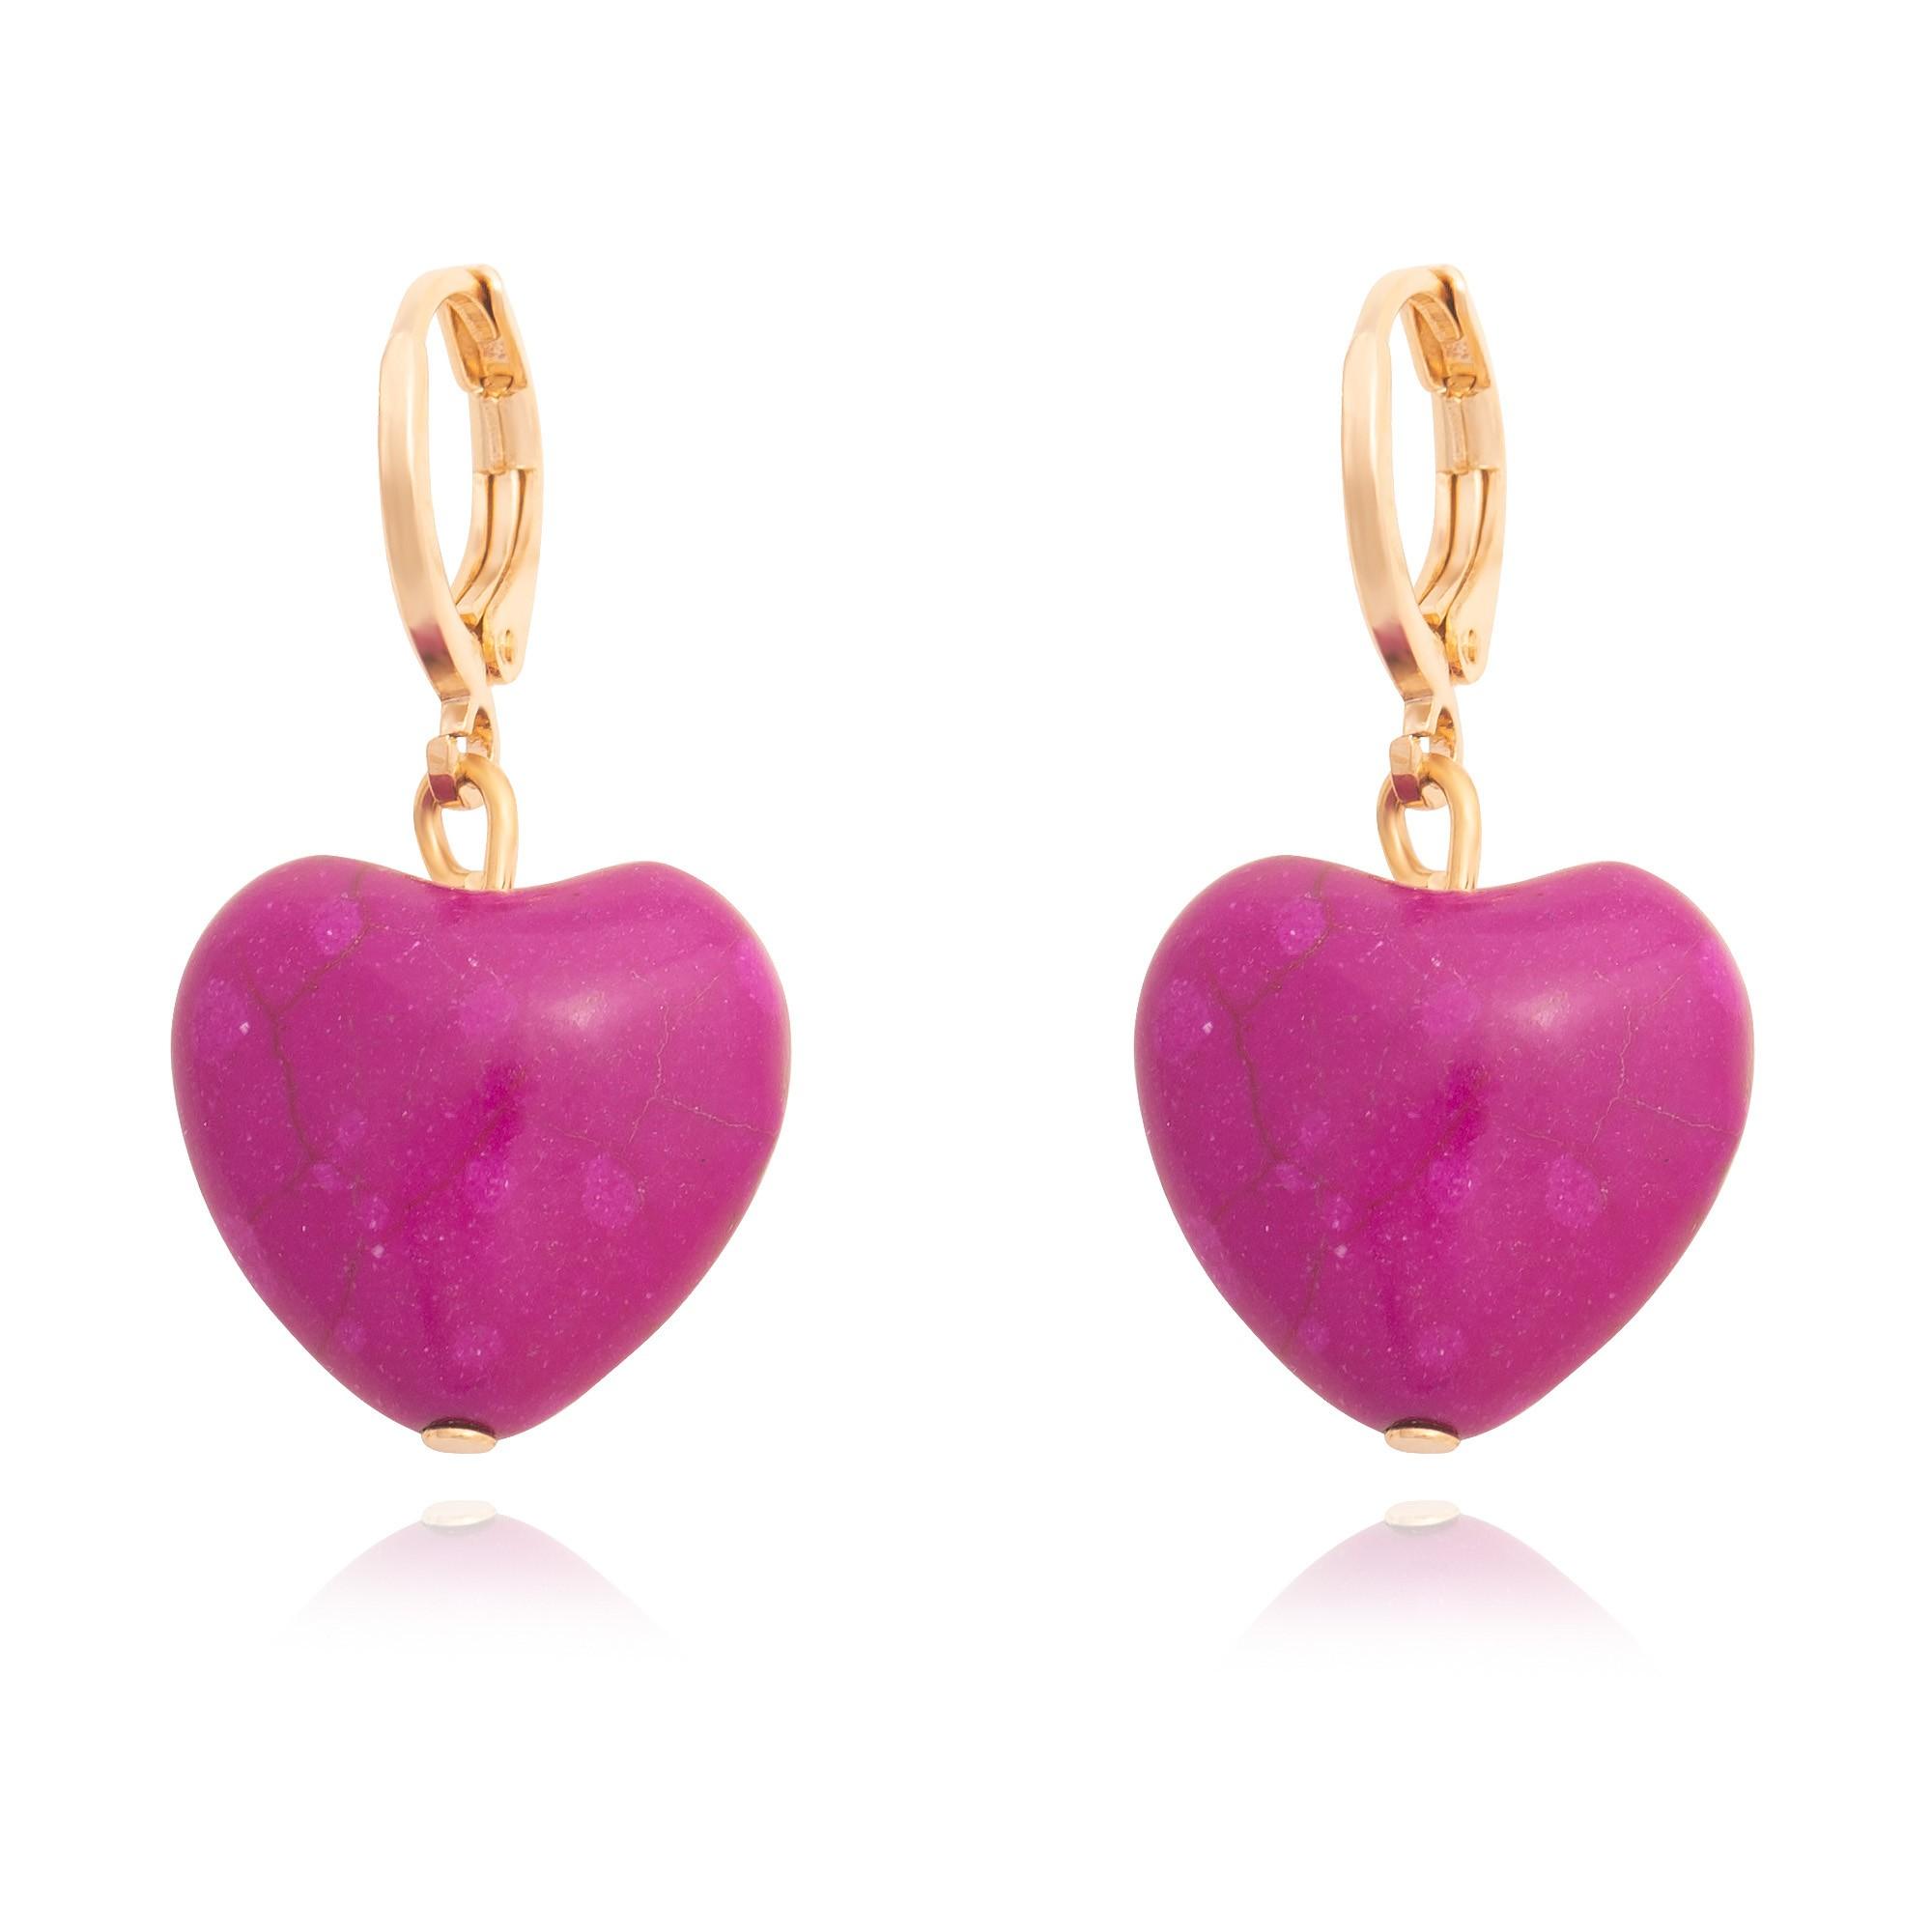 Brinco coração Howlita roxo  - romabrazil.com.br